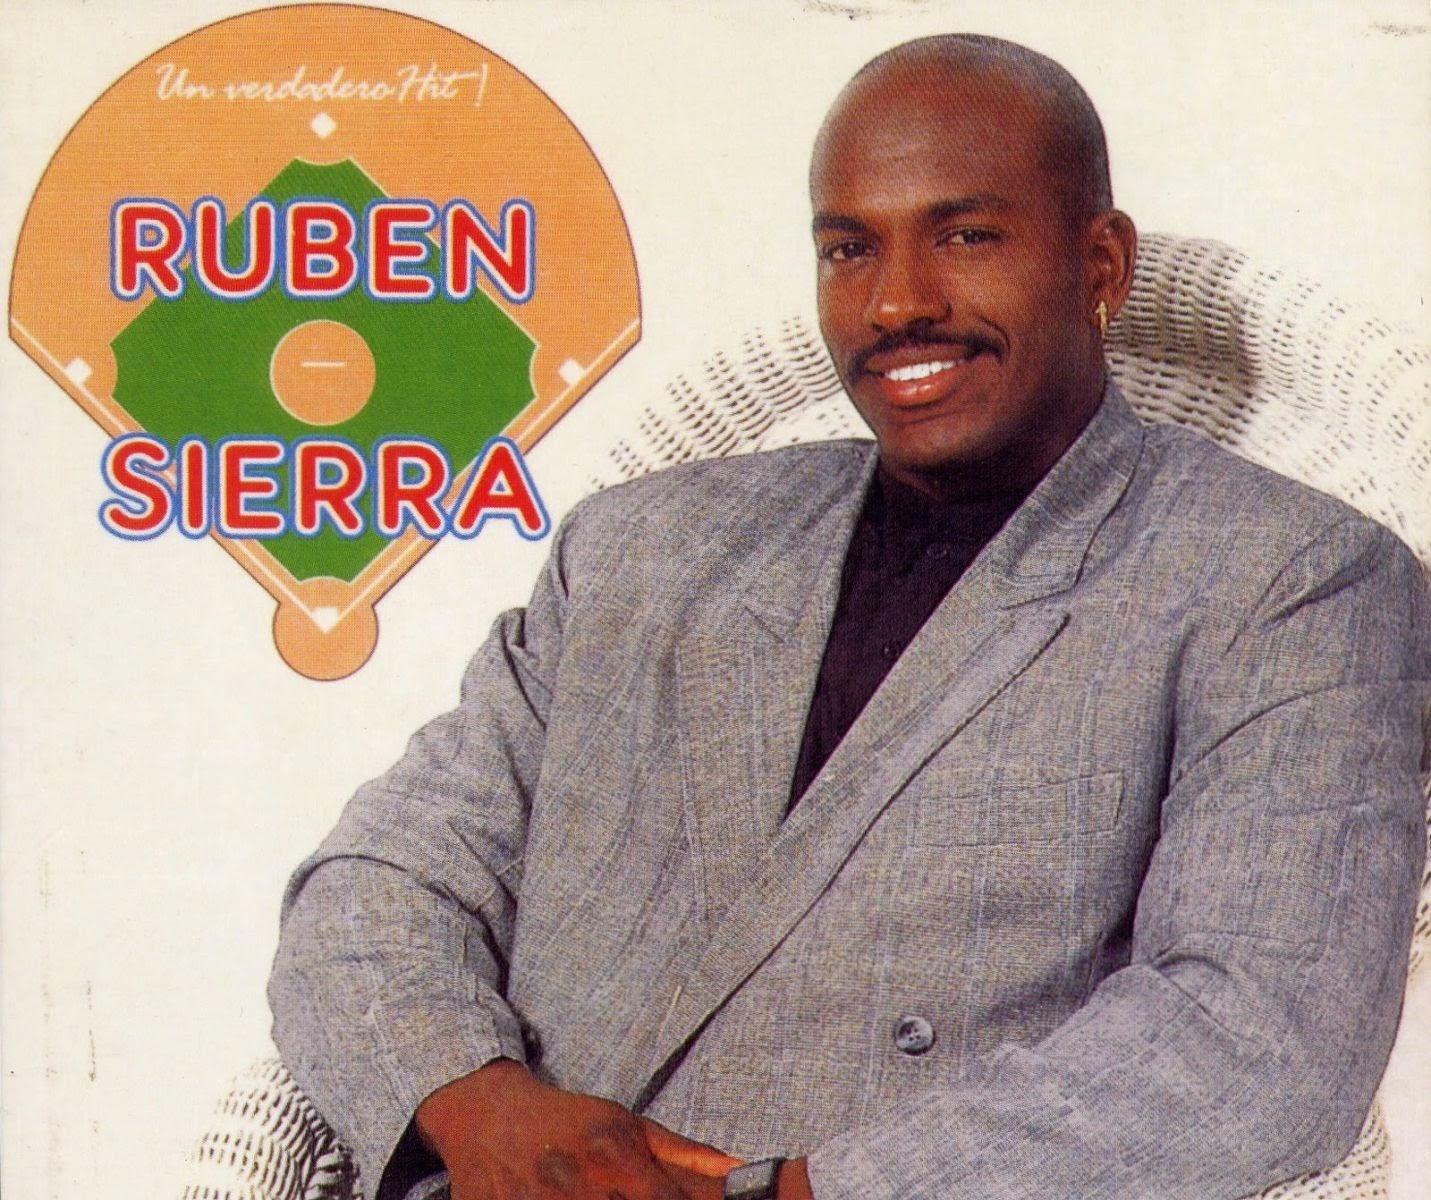 """Rubén Sierra """"El Mejor Bate De La Salsa"""" en Los Angeles"""